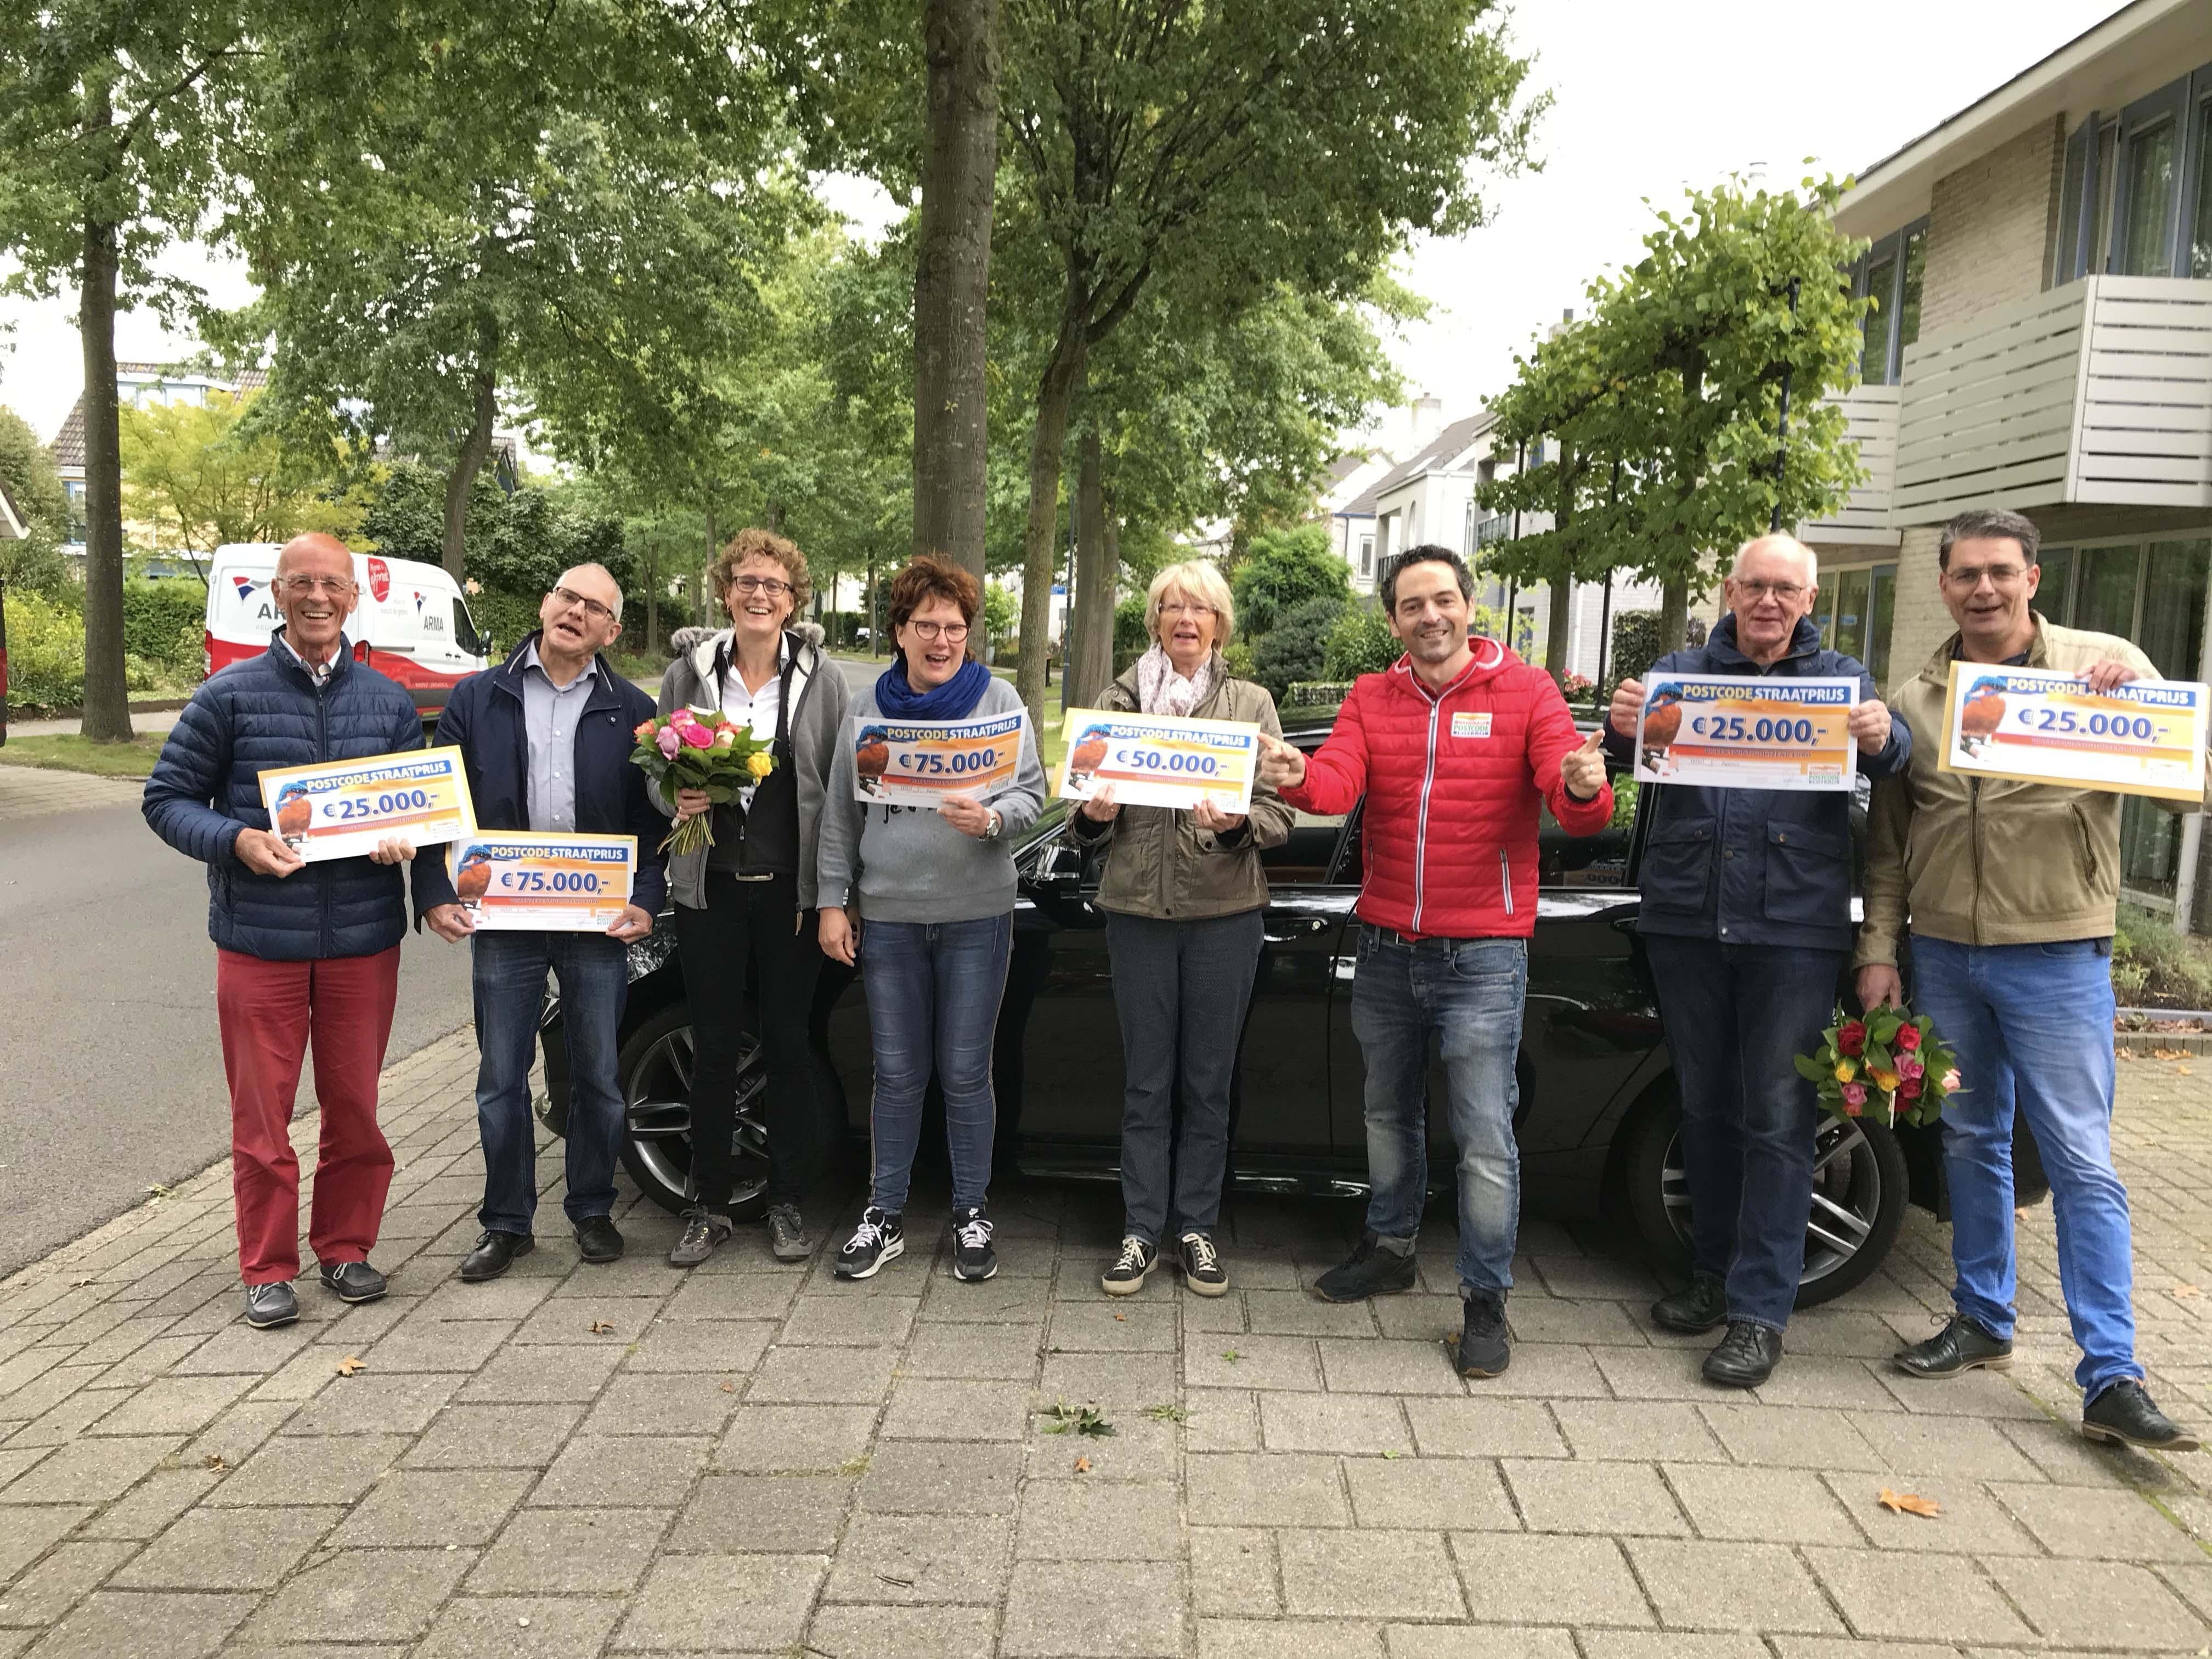 Inwoners Apeldoorn winnen 462.500 euro bij Postcode Loterij